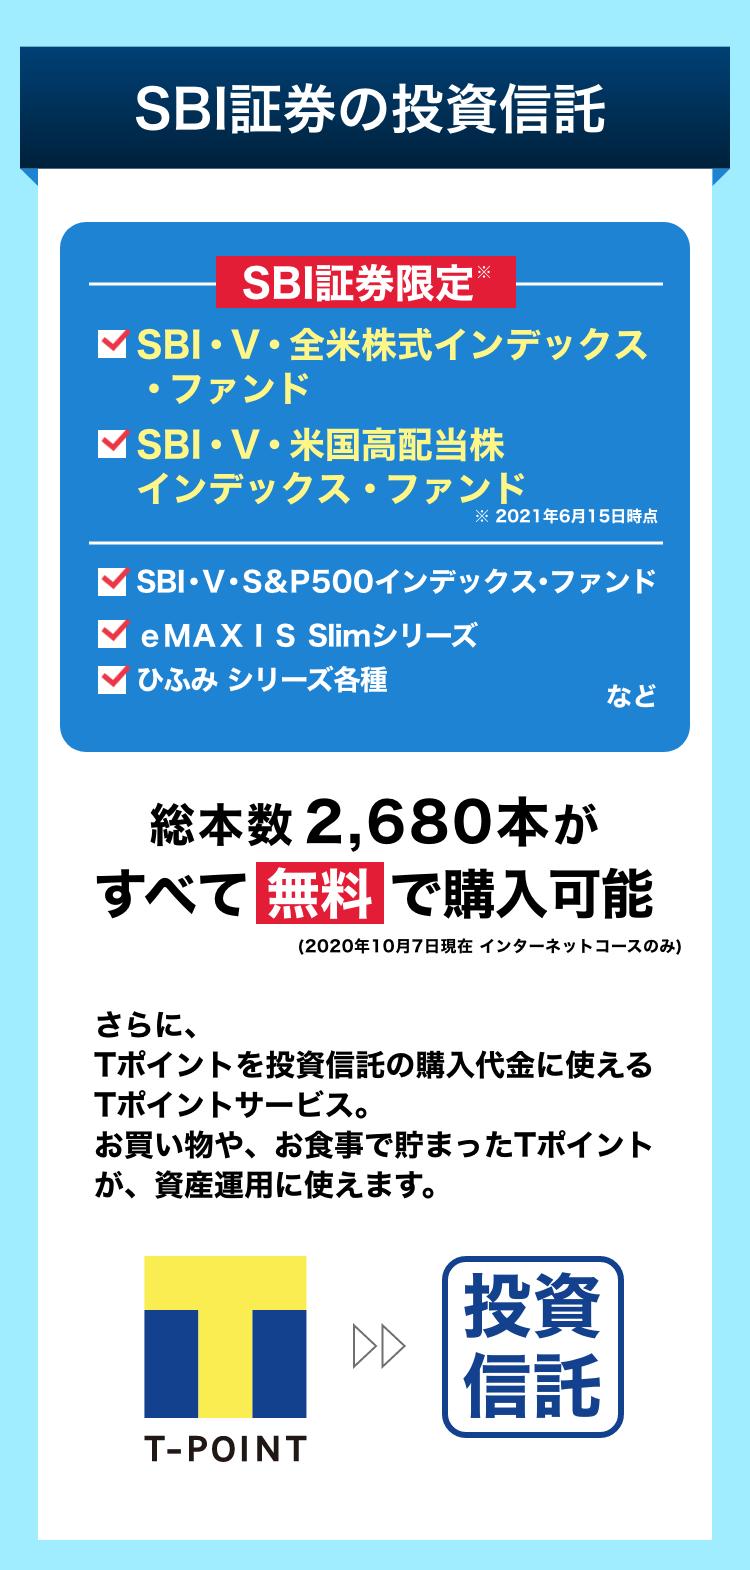 SBI証券の投資信託 SBI証券限定※「SBI・V・全米株式インデックス・ファンド」「SBI・V・米国高配当株インデックス・ファンド」(※2021年6月15日現在)「SBI・V・S&P500インデックス・ファンド」「eMAXIS Slimシリーズ」「ひふみシリーズ各種」など 総本数2,680本がすべて無料で購入可能(2020年10月7日現在 インターネットコースのみ) さらにTポイントを投資信託の購入代金に使えるTポイントサービス。お買い物や、お食事で貯まったTポイントが、資産運用に使えます。